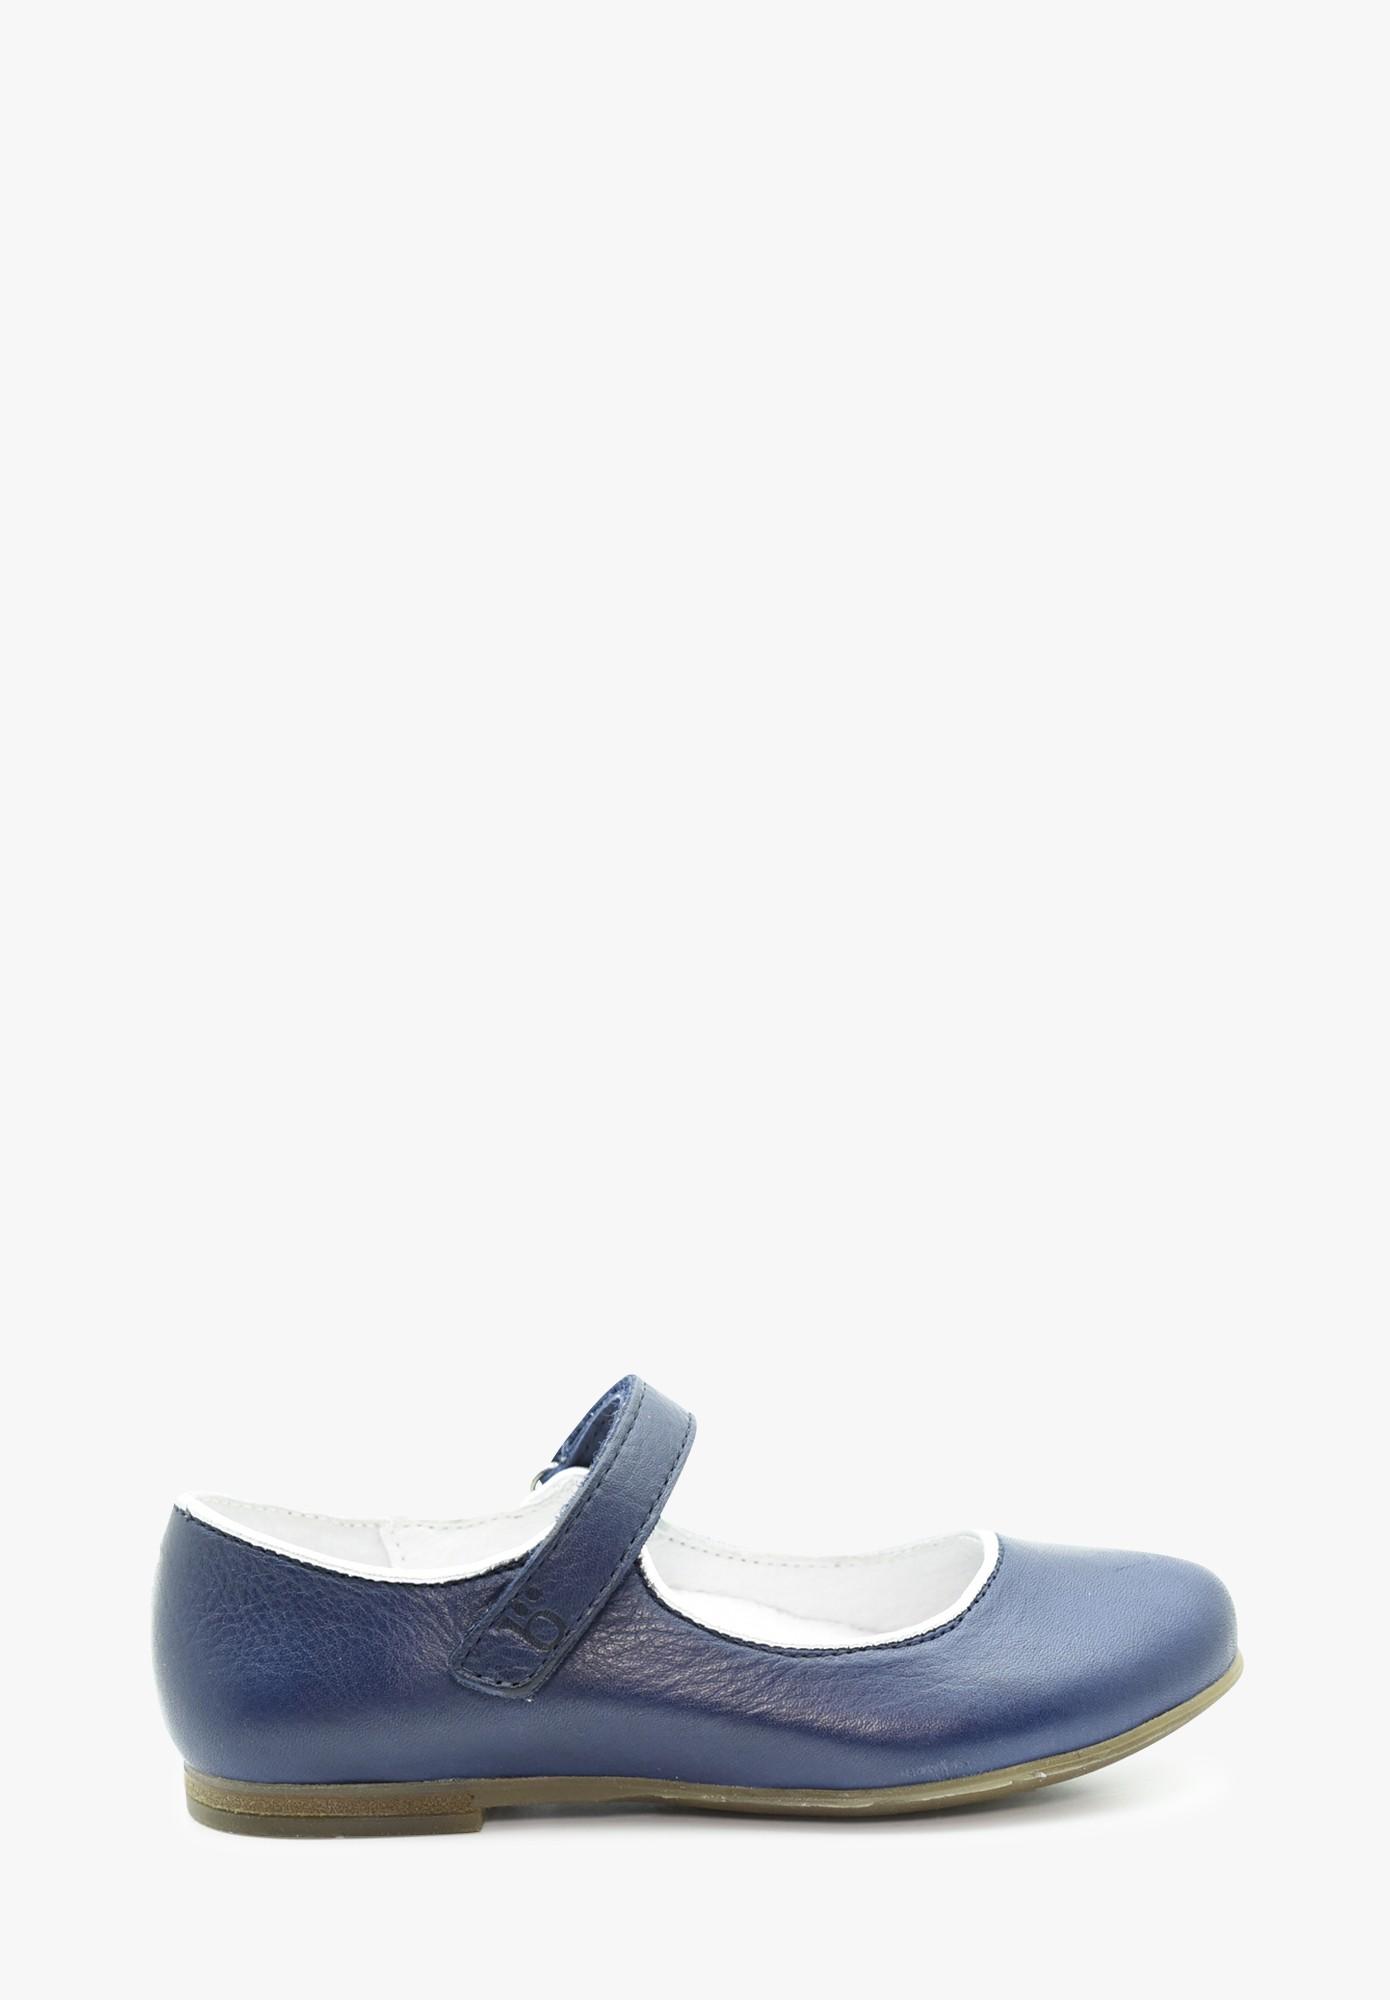 Kids' shoes - Ballerina - Girl